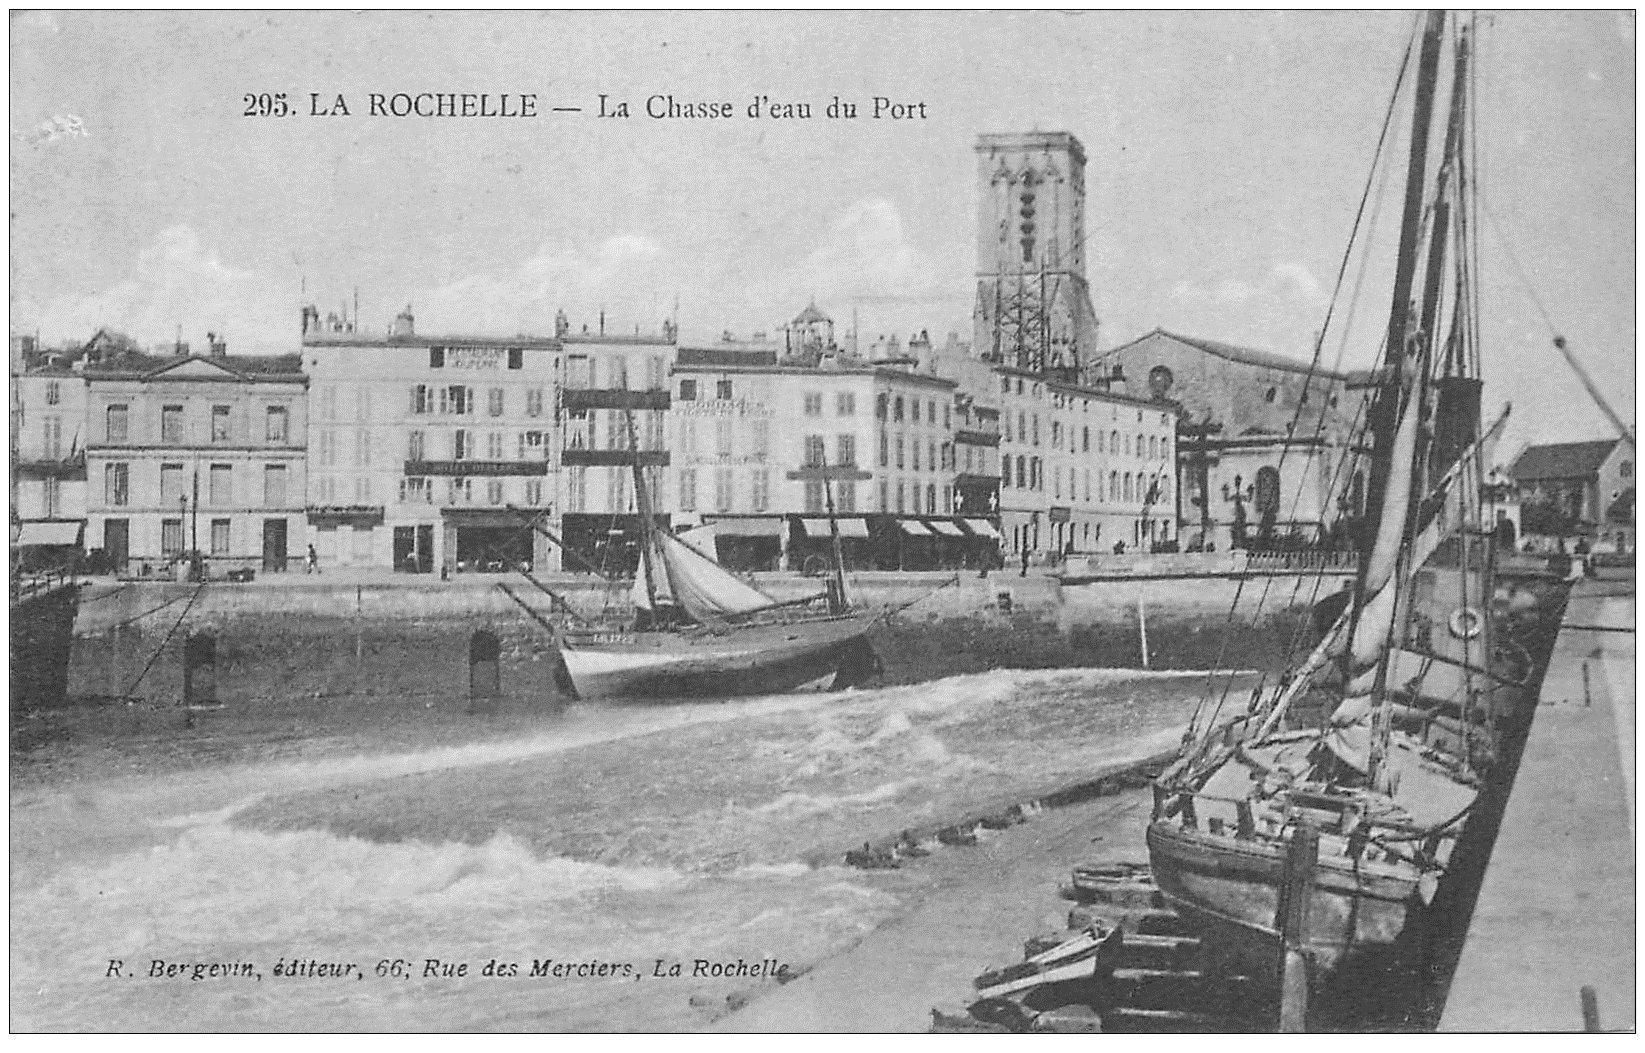 17 la rochelle la chasse d 39 eau du port 1915. Black Bedroom Furniture Sets. Home Design Ideas